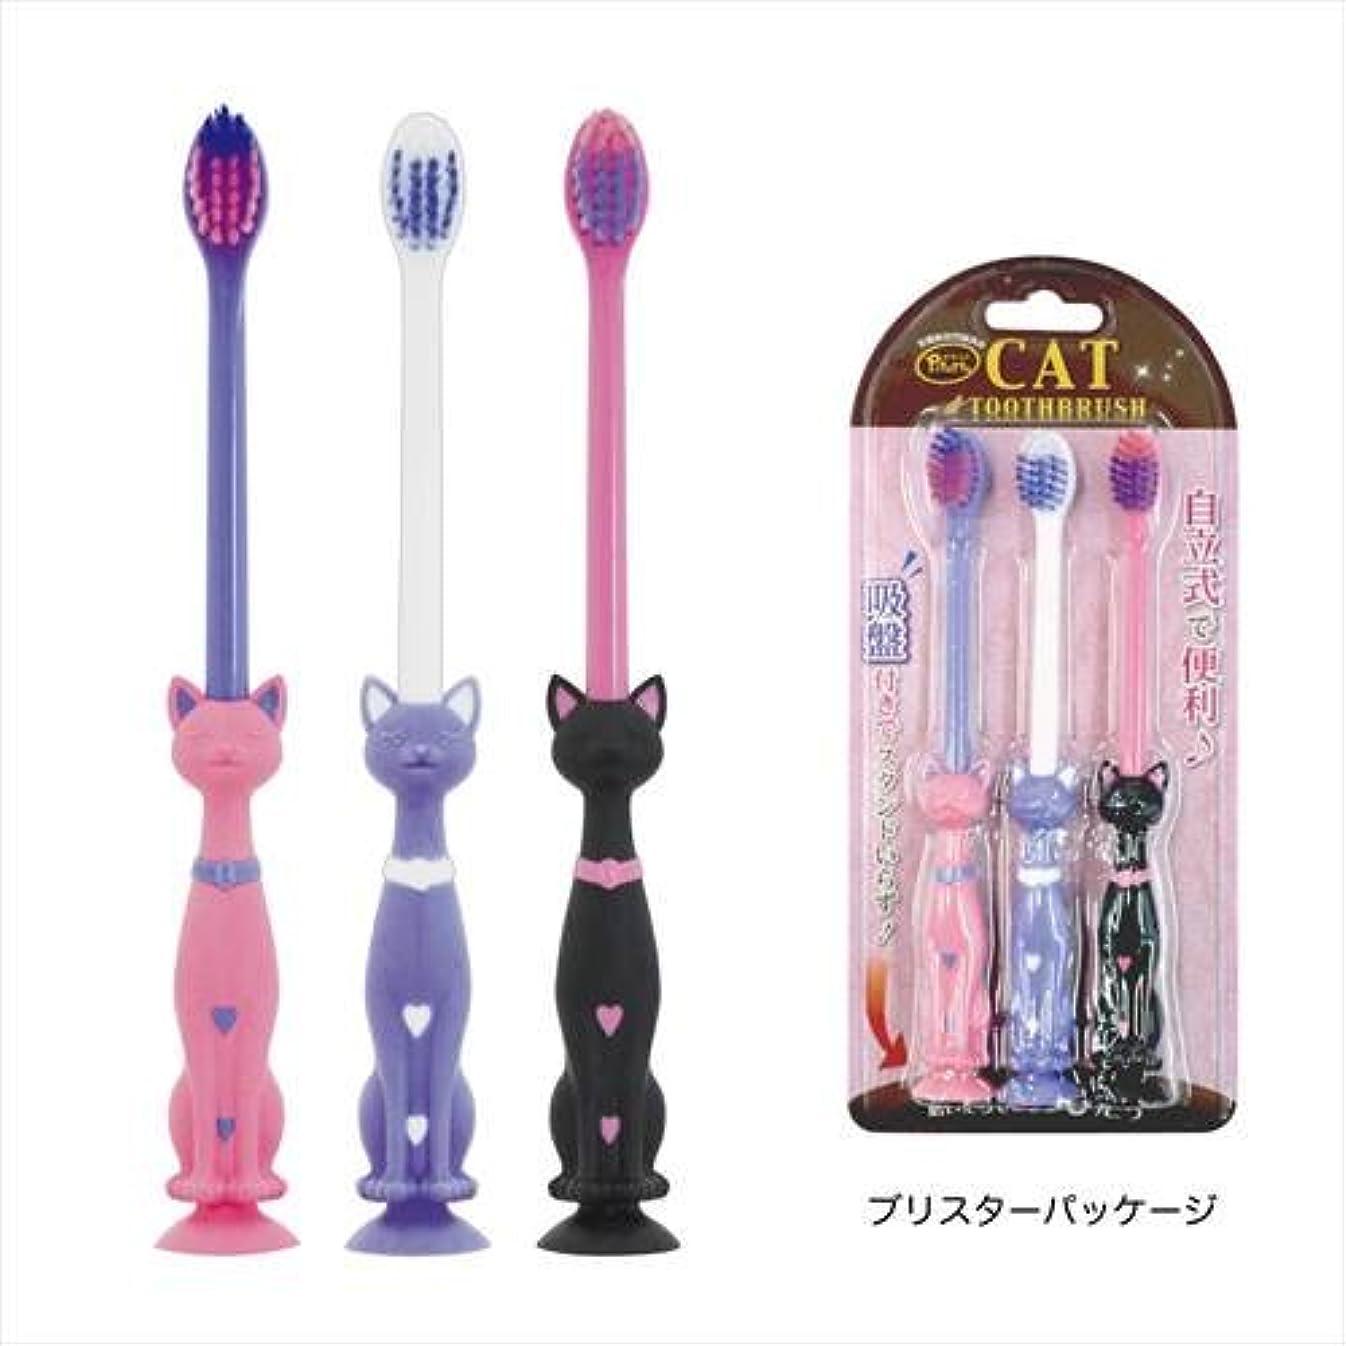 突っ込むチップほこりファニー歯ブラシ ネコ 3本セット